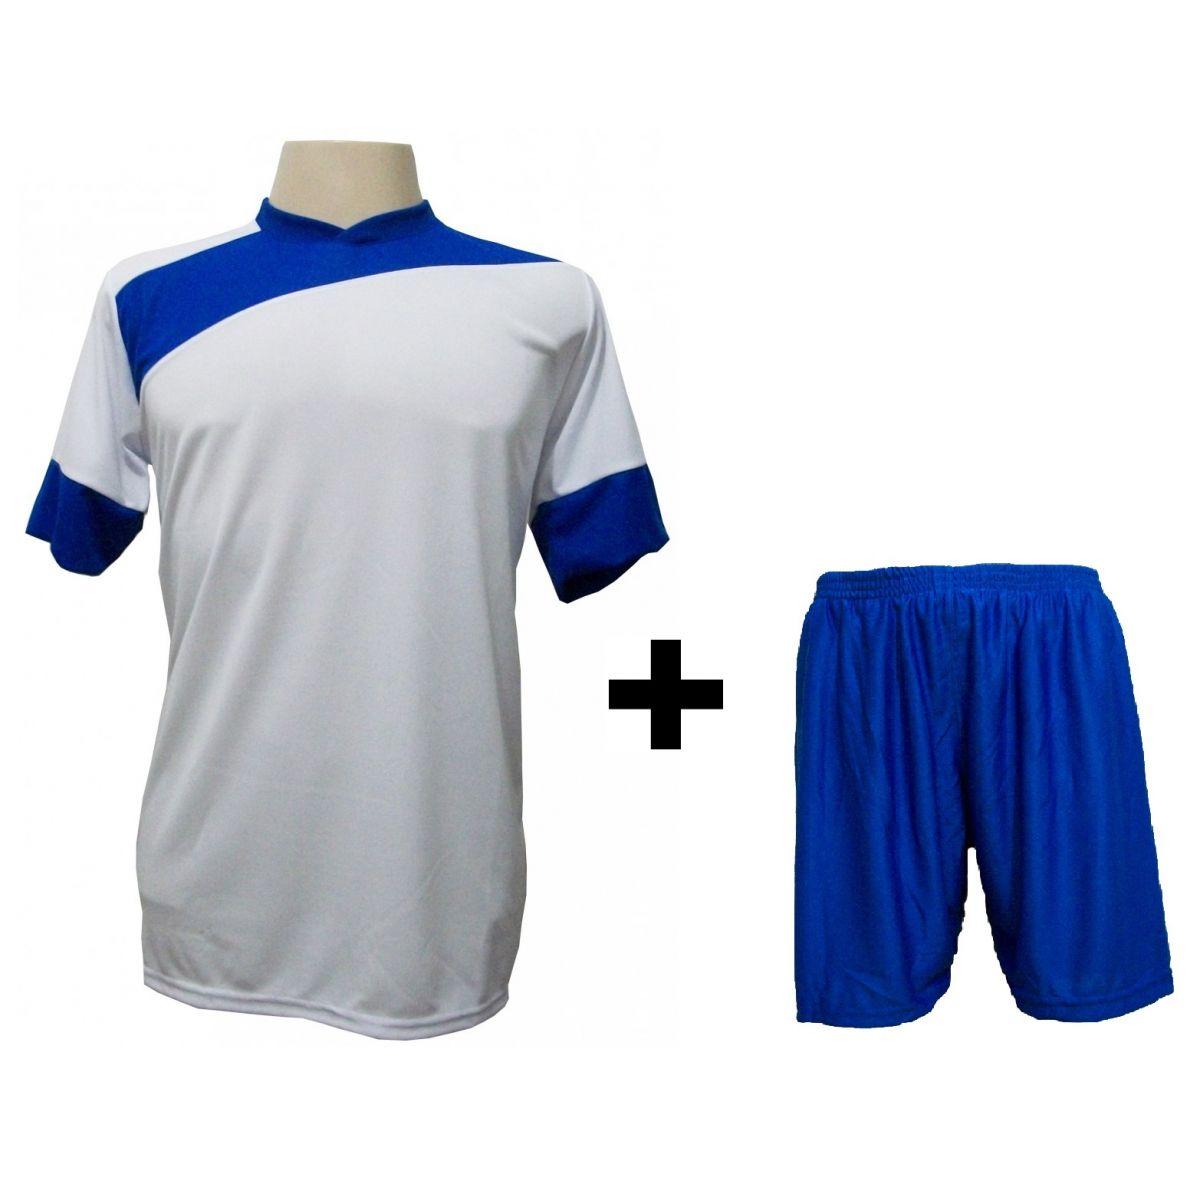 Uniforme Esportivo com 14 camisas modelo Sporting Branco/Royal + 14 calções modelo Madrid + 1 Goleiro + Brindes